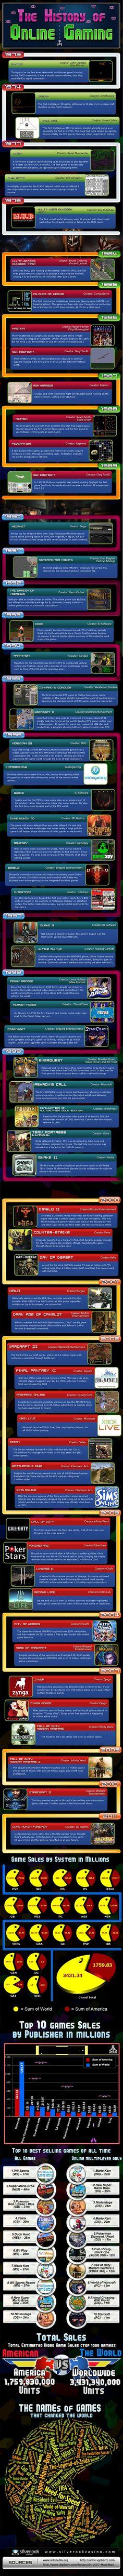 Los videojuegos online, en una infografía